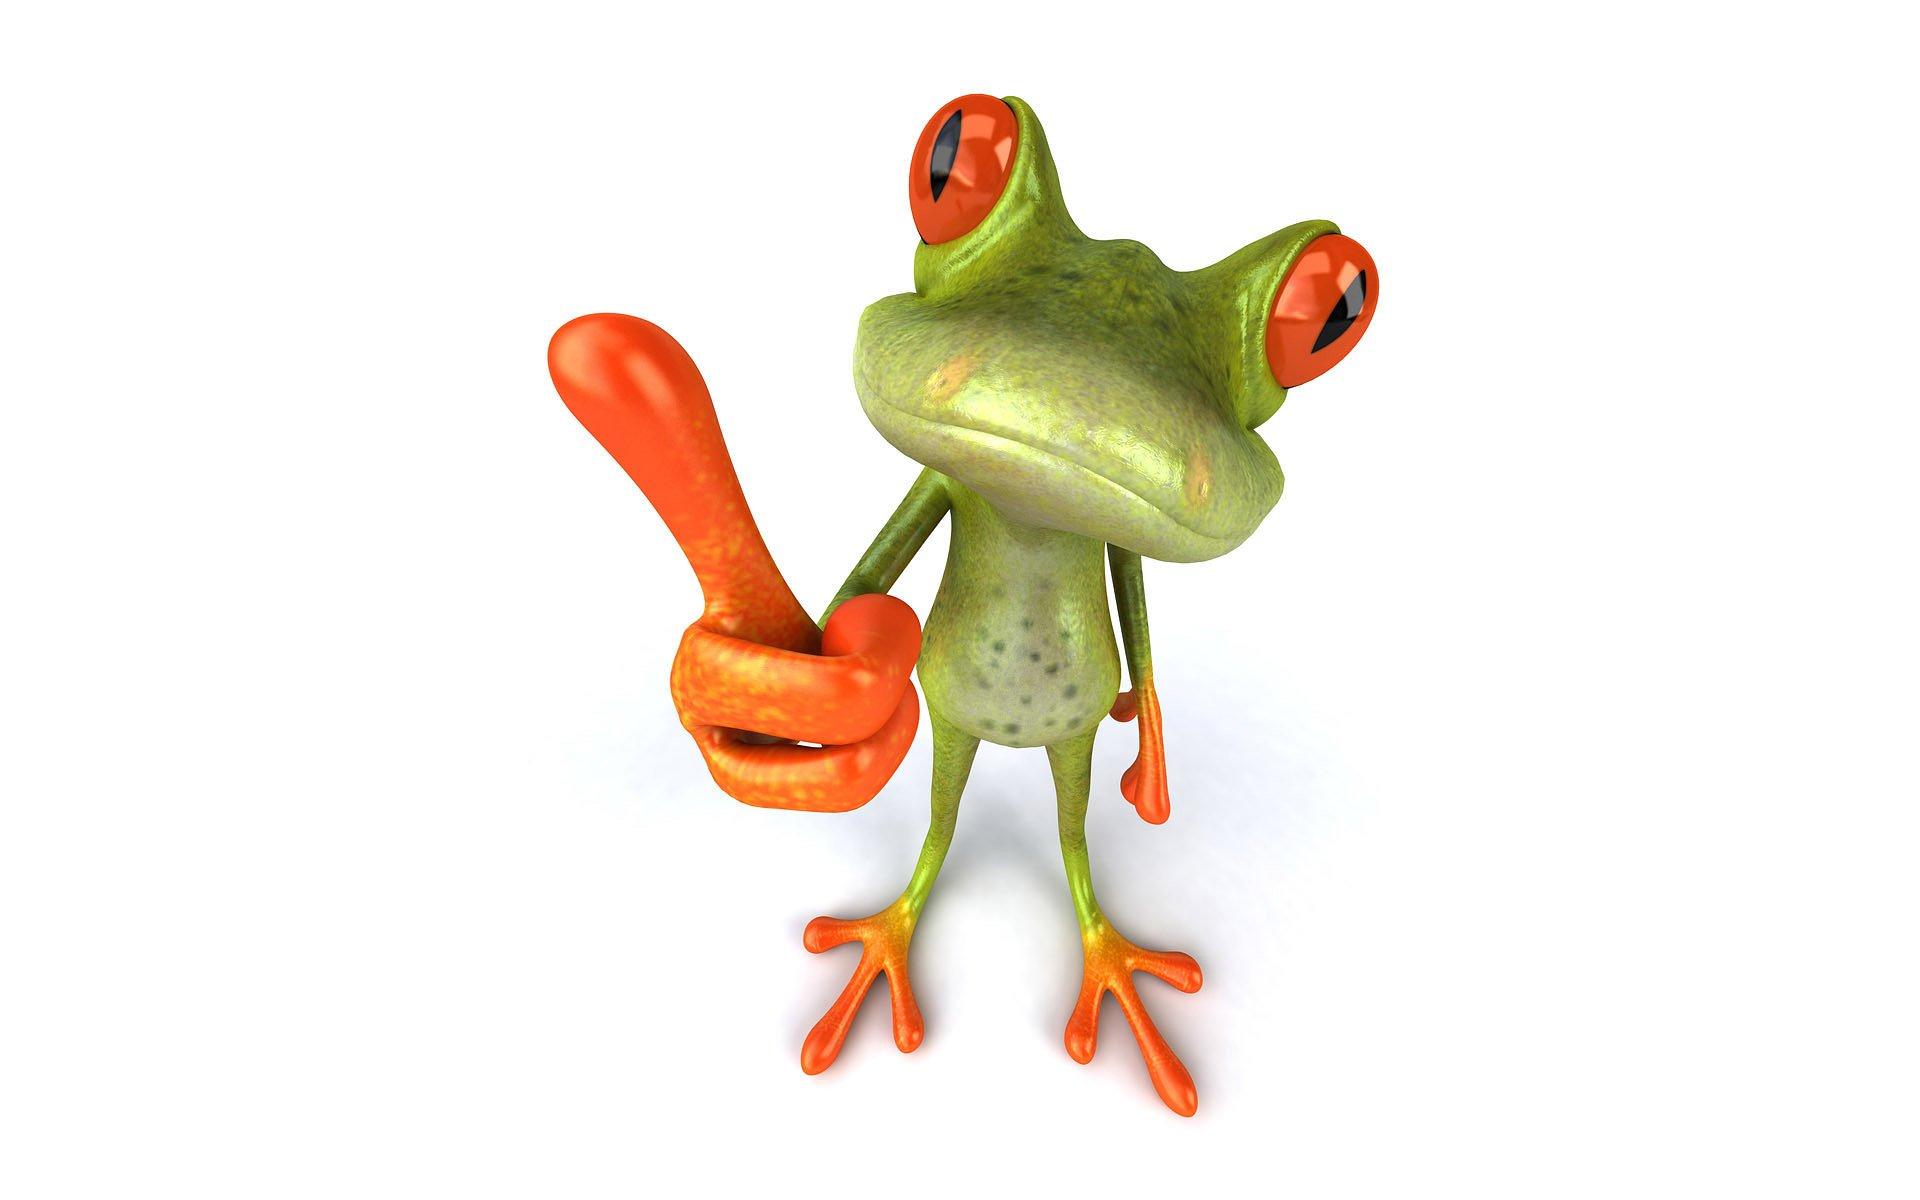 Artistic - 3D Art  Frog 3D Wallpaper